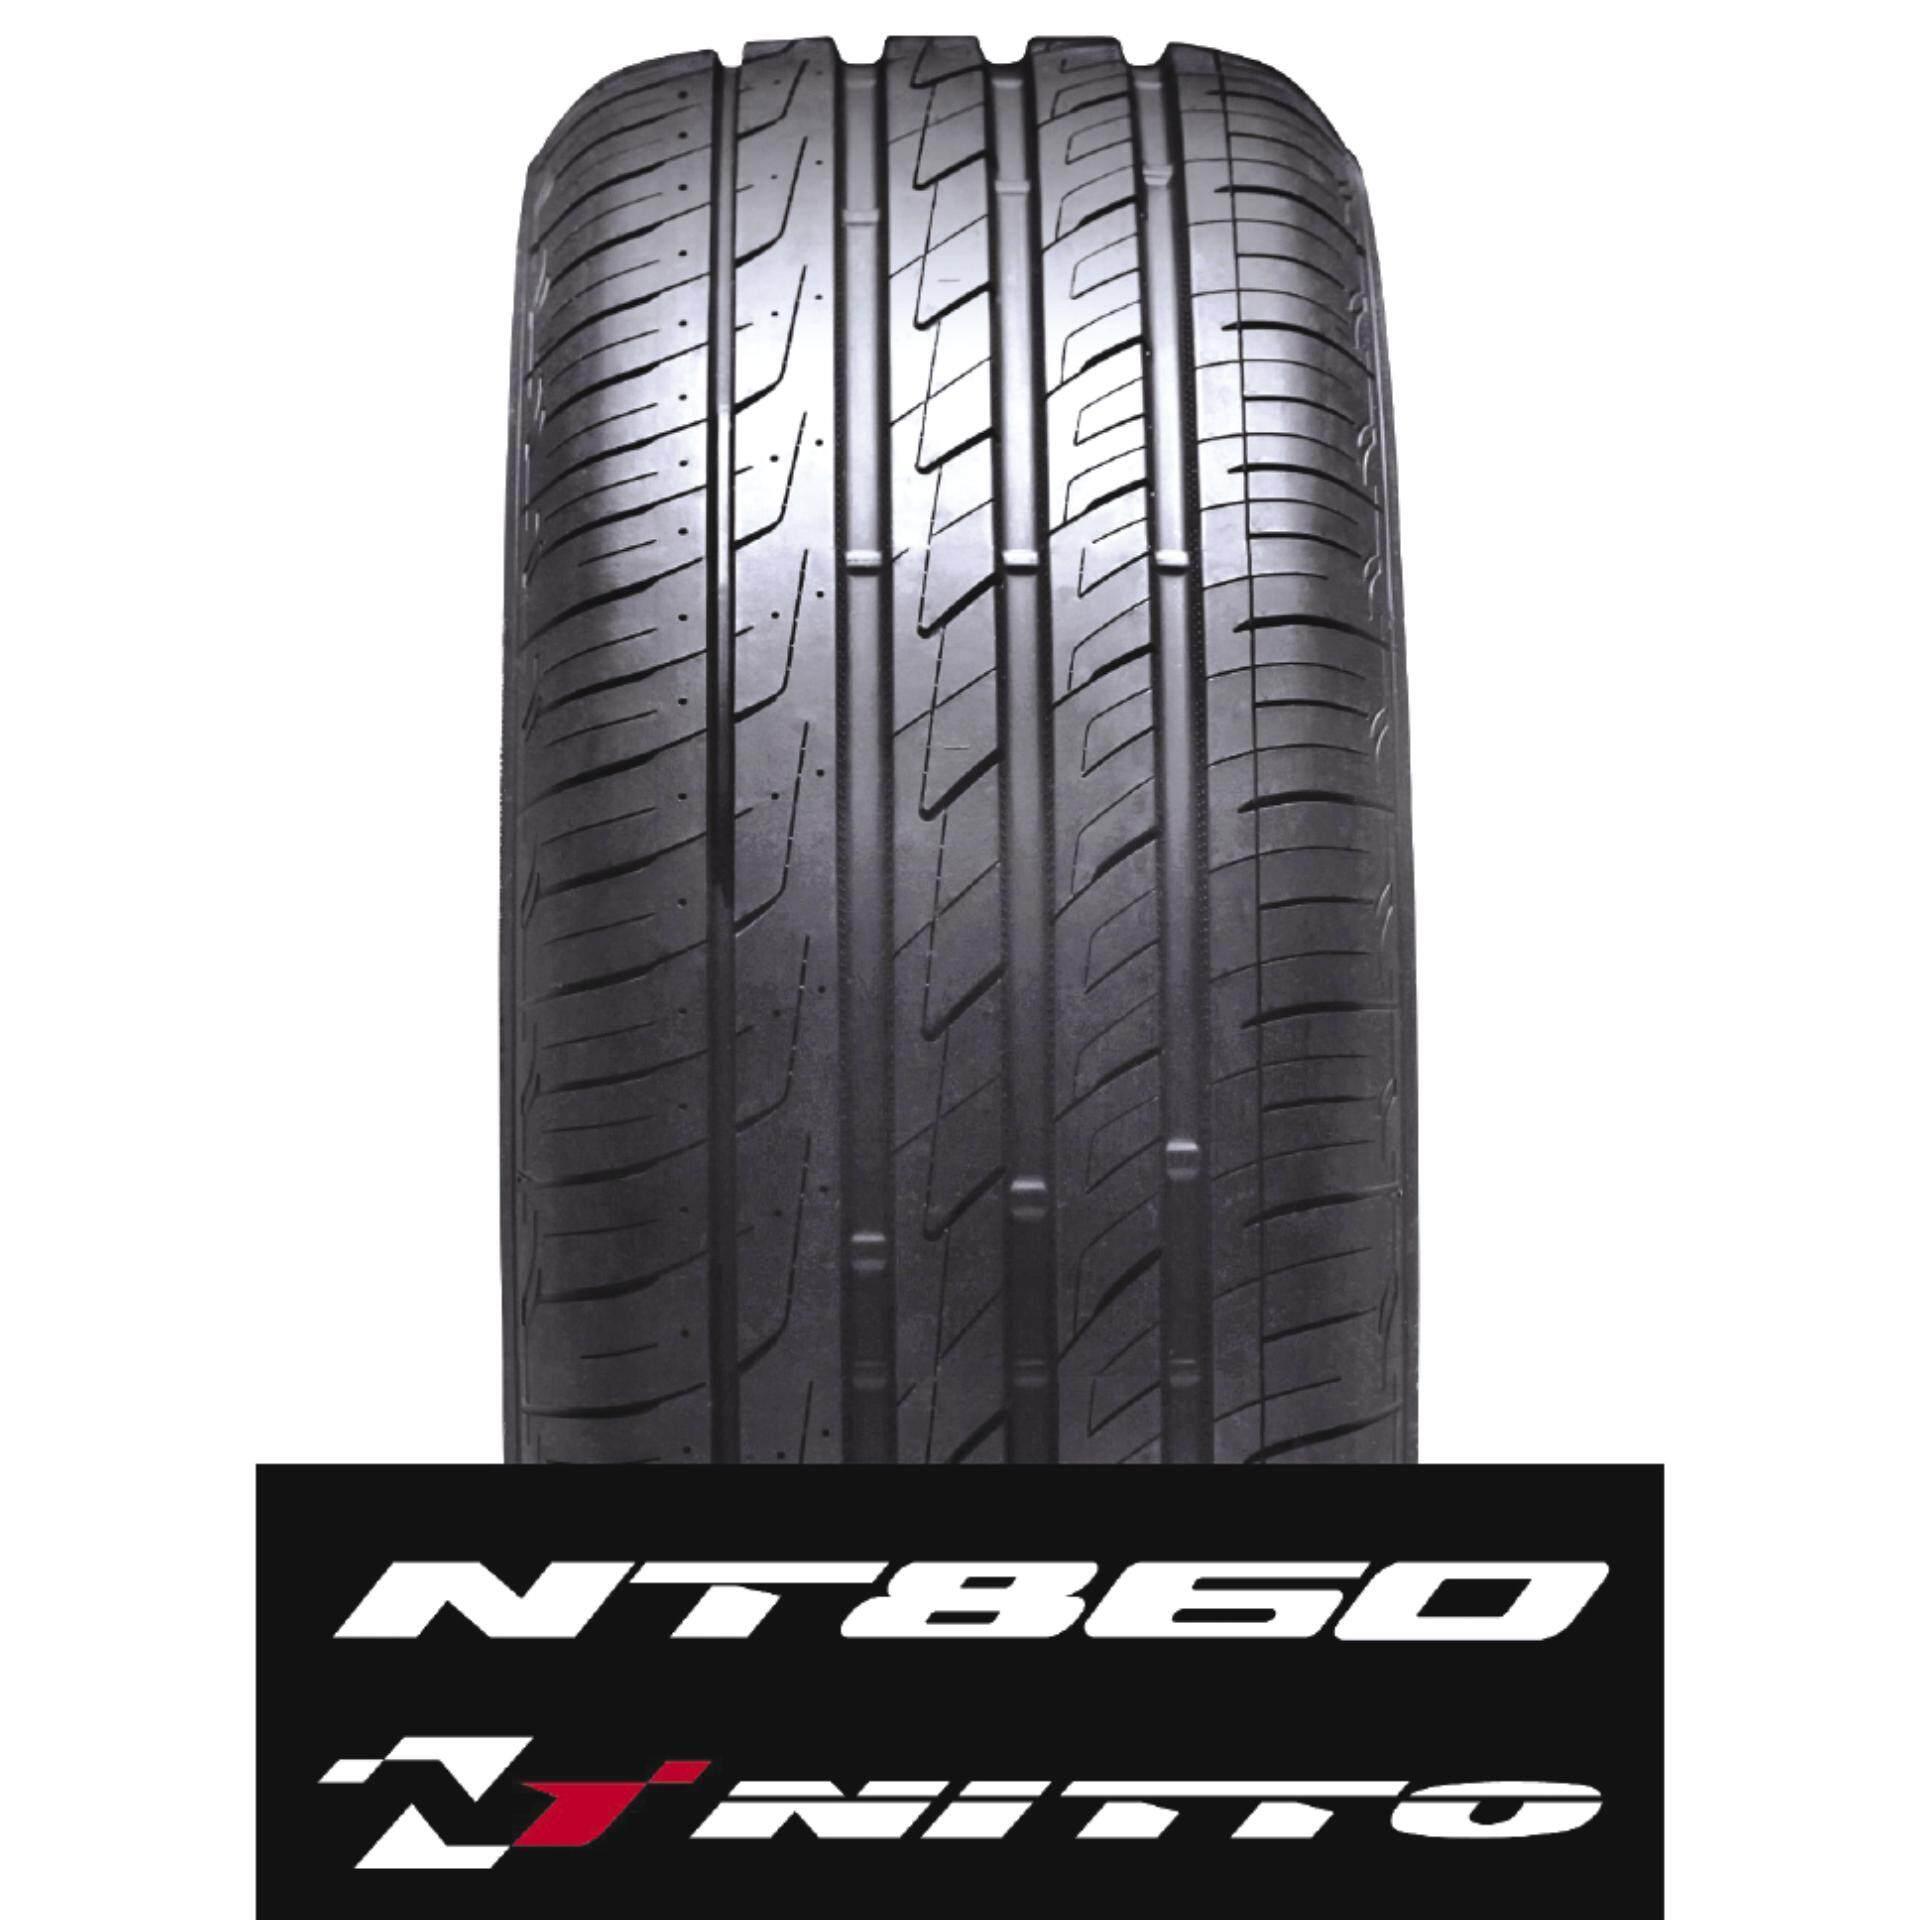 ประกันภัย รถยนต์ 3 พลัส ราคา ถูก พิษณุโลก NITTO รุ่น NT860 ยางรถยนต์ 215/60R16 จำนวน 1 เส้น